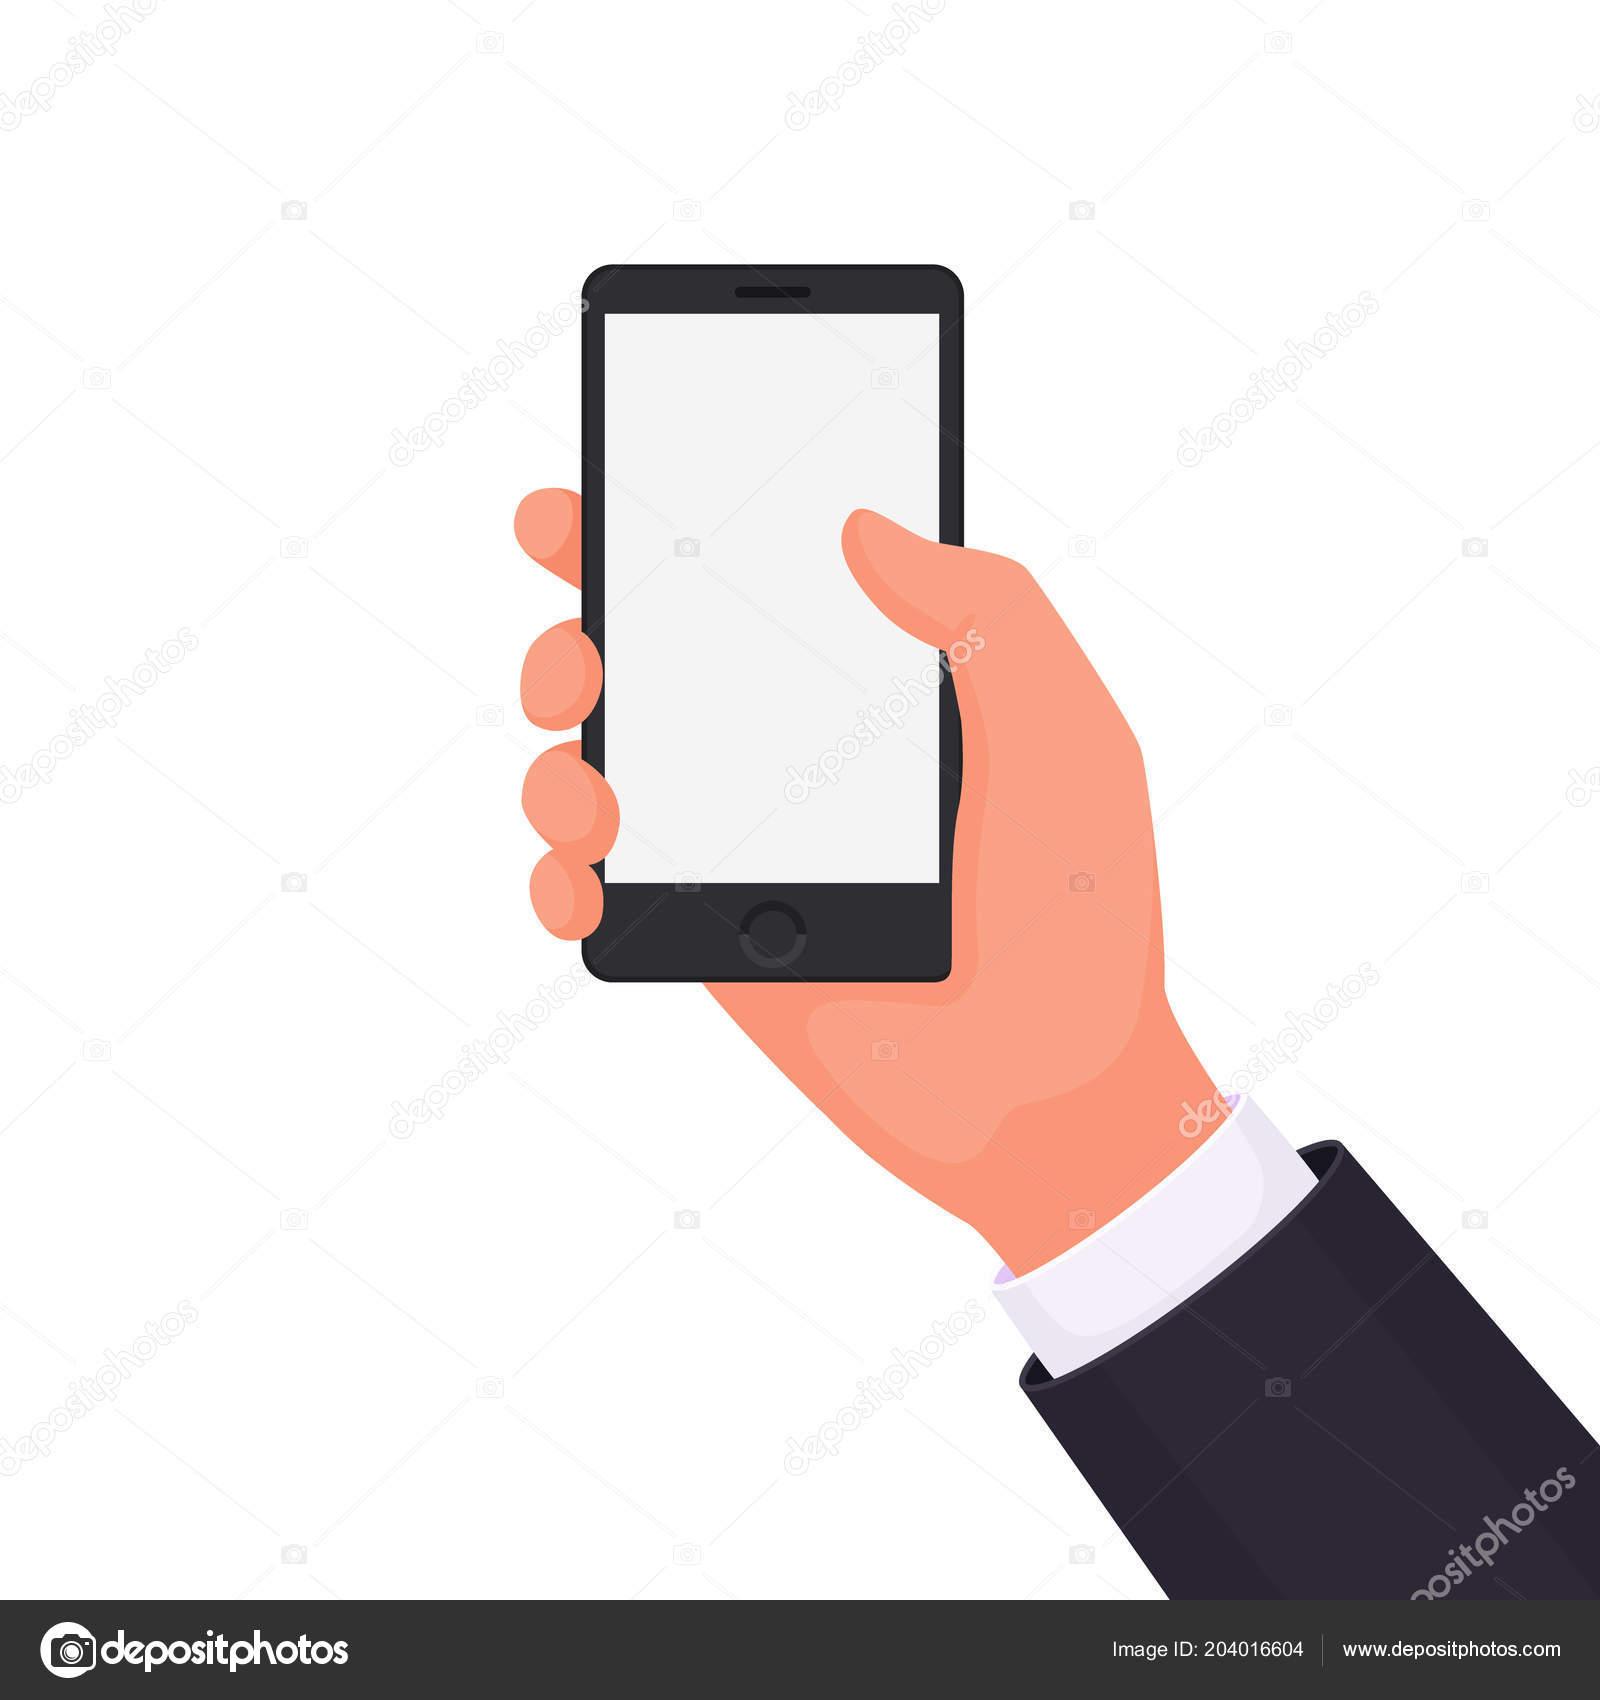 Mano Che Tiene Telefono Sfondo Bianco Inserire Tuo Prodotto Servizio